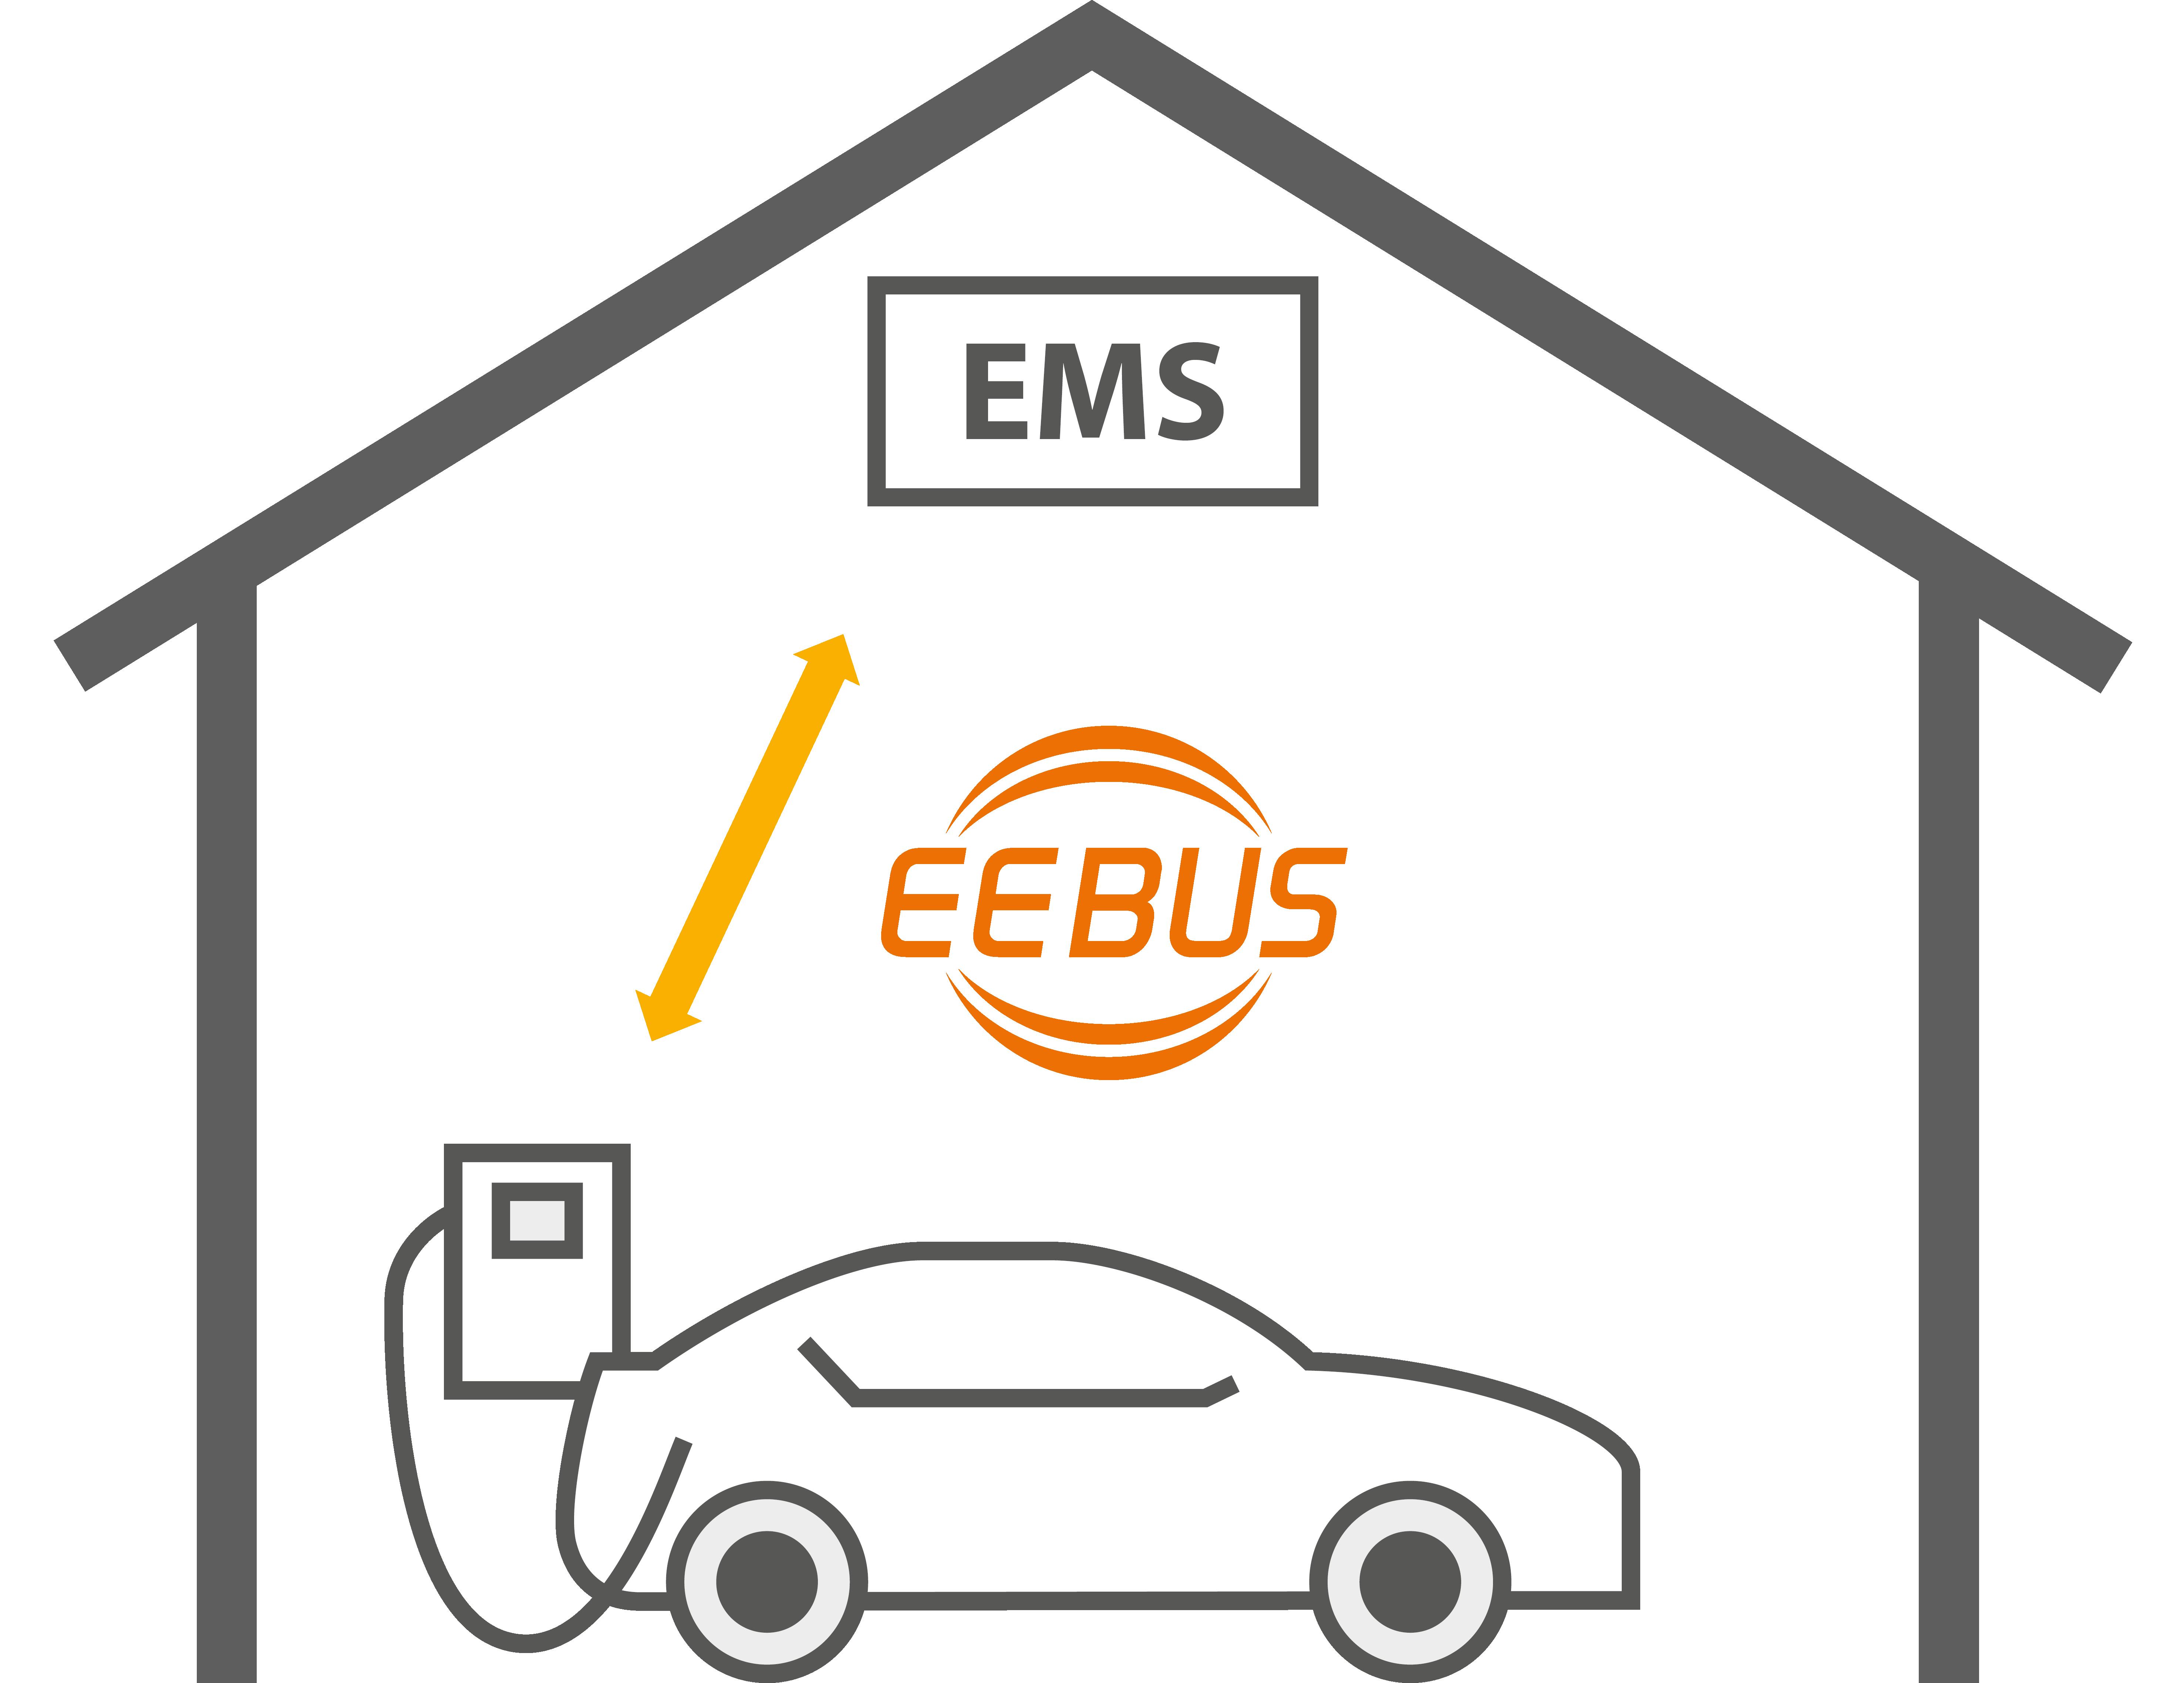 Wallbox am Haus mit EEBUS Zeichen